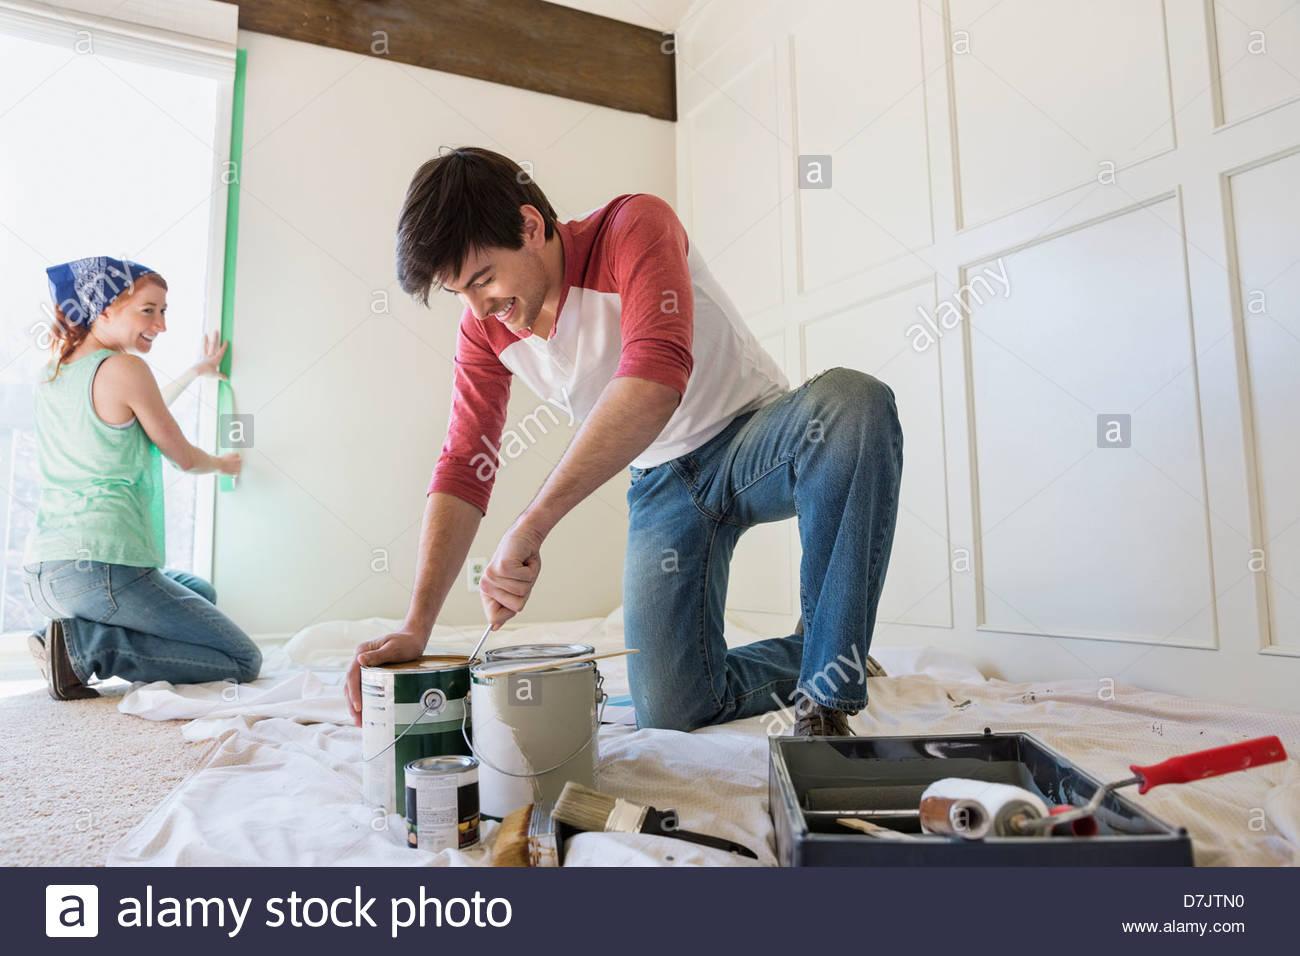 Jeune couple prépare à peindre à la maison Photo Stock